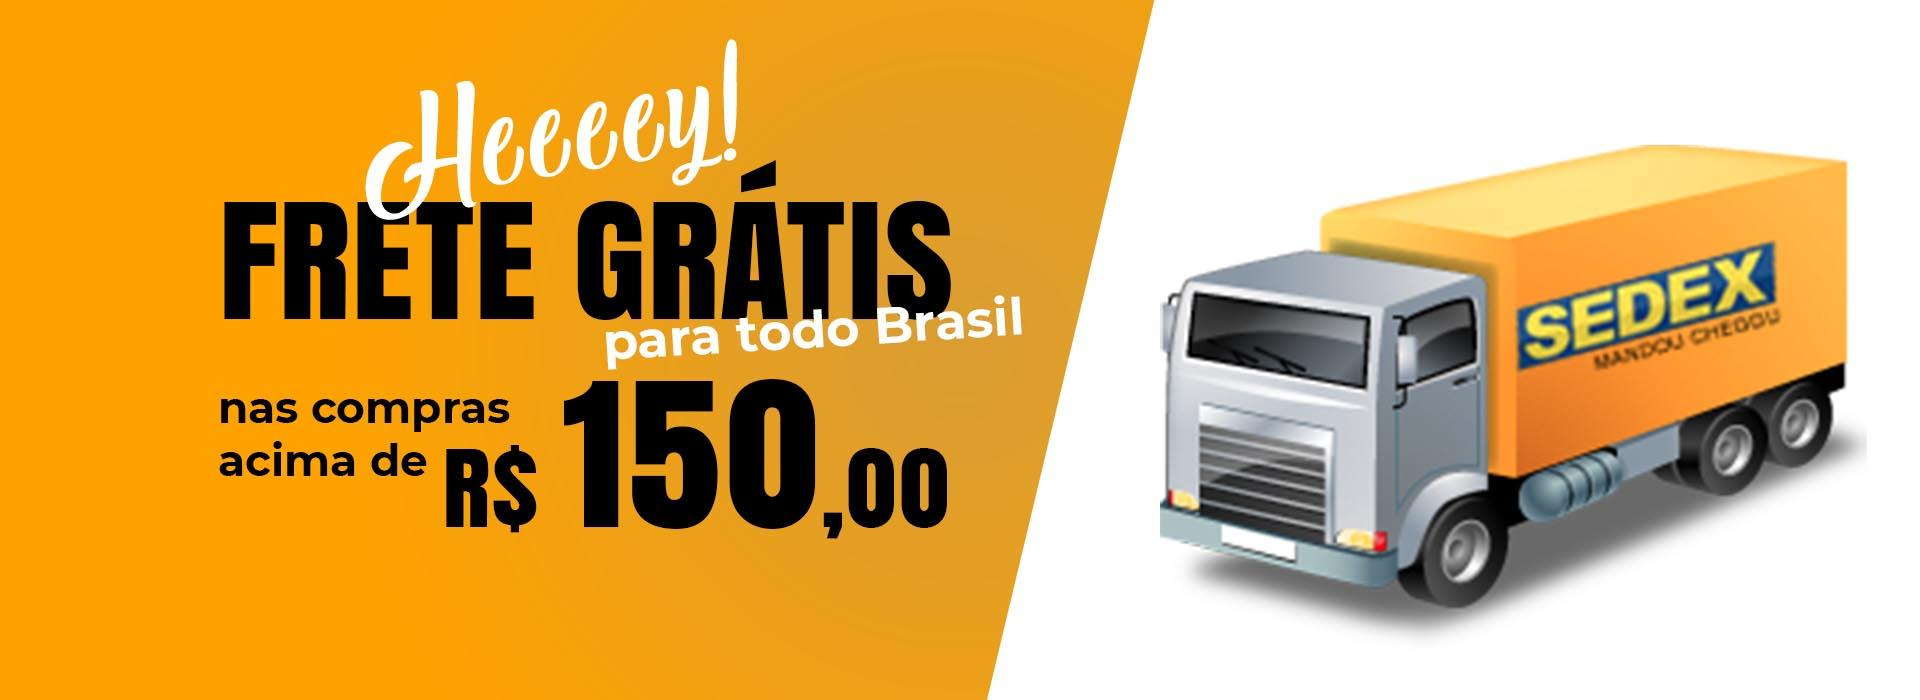 Entrega gratis 150 reais